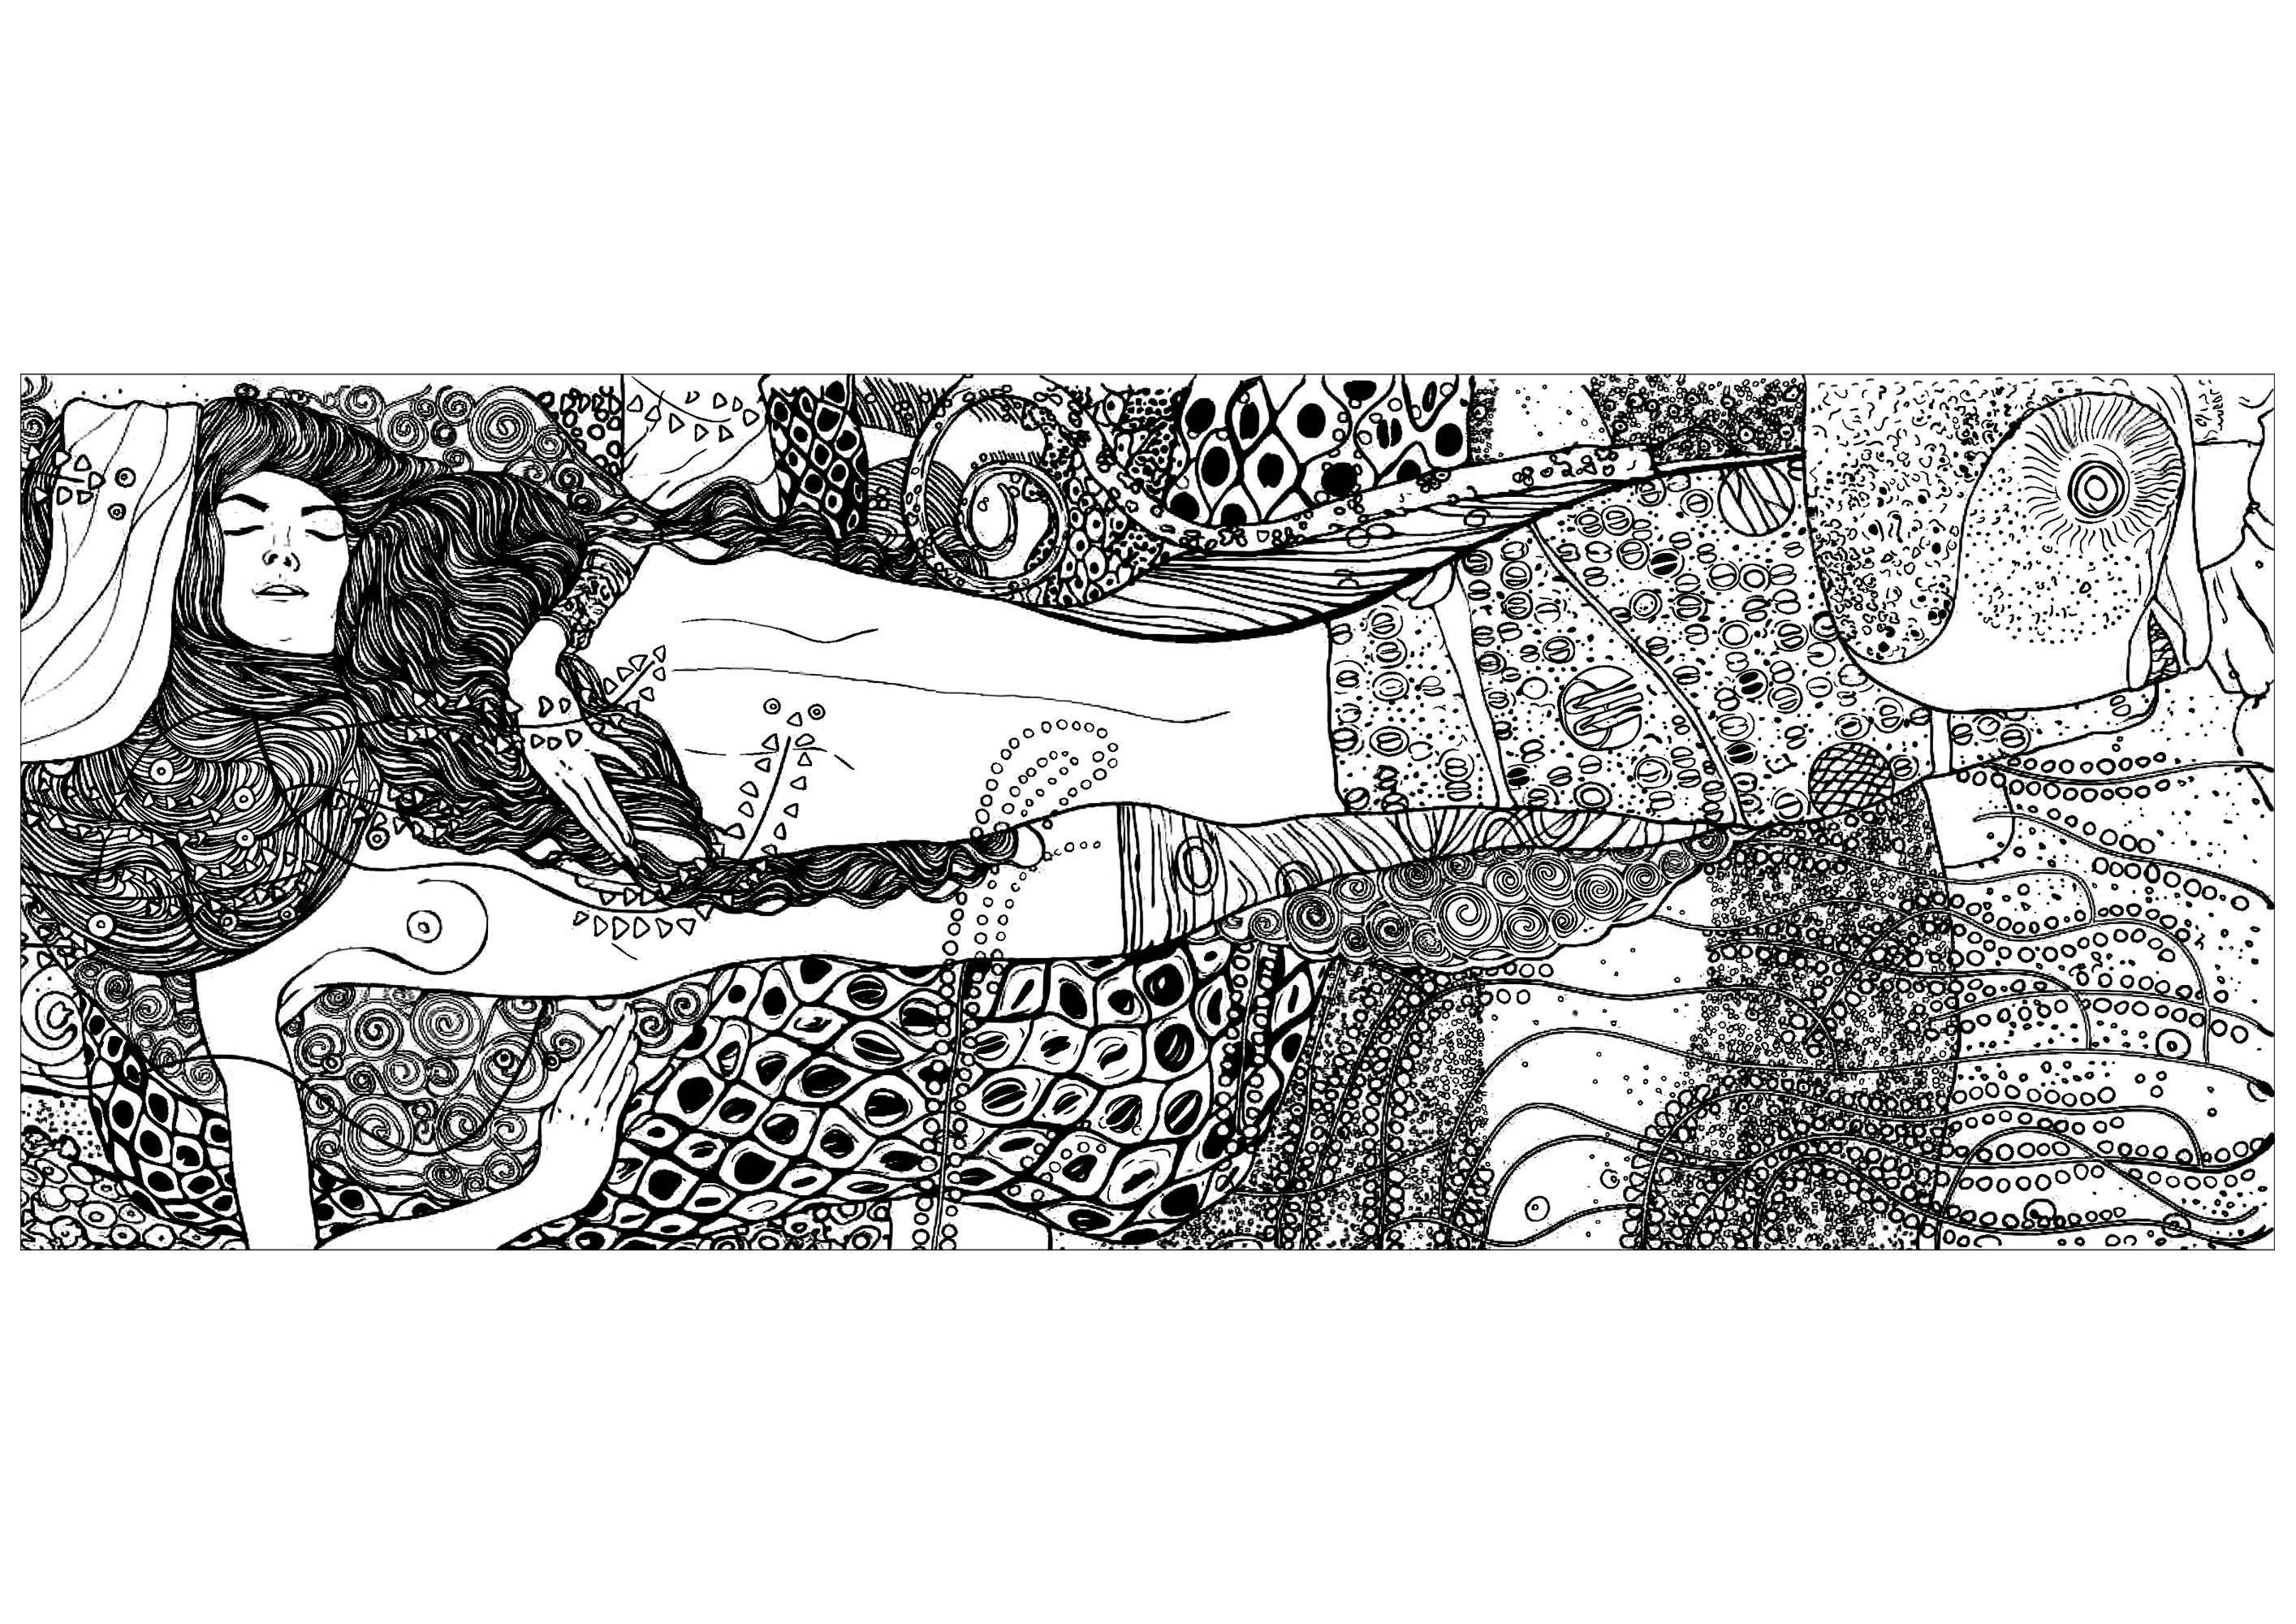 Coloriage inspiré de l'oeuvre de Gustav Klimt : Serpents d'eau I